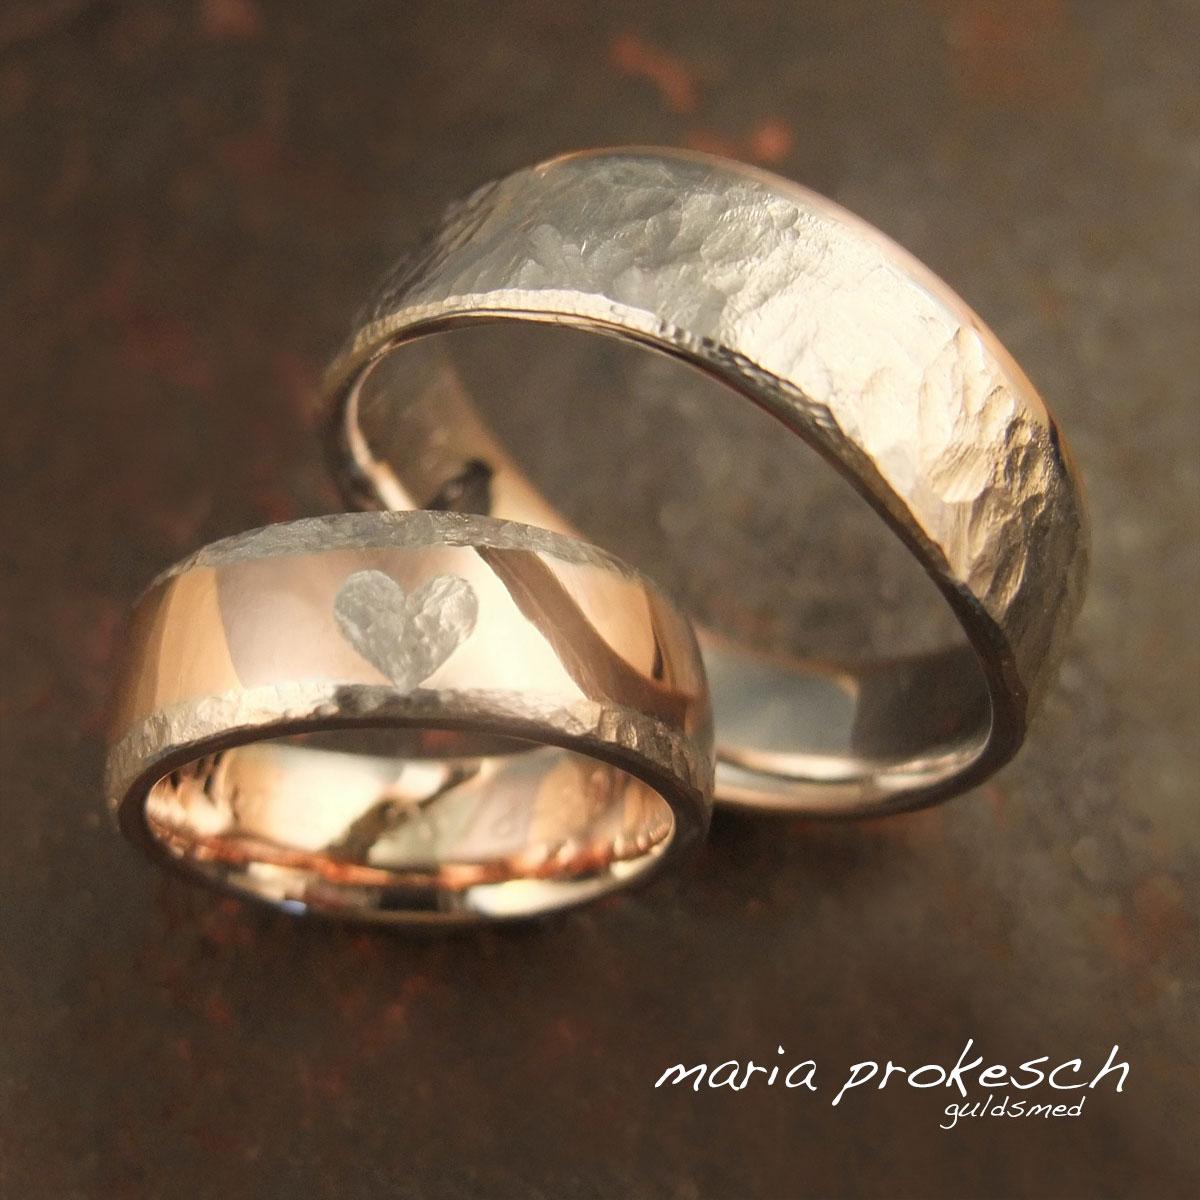 Tofarvede vielsesringe med både blank og rustik overflade. I hendes ring rustikt hvidguldshjerte omkranset af blank rosaguld.